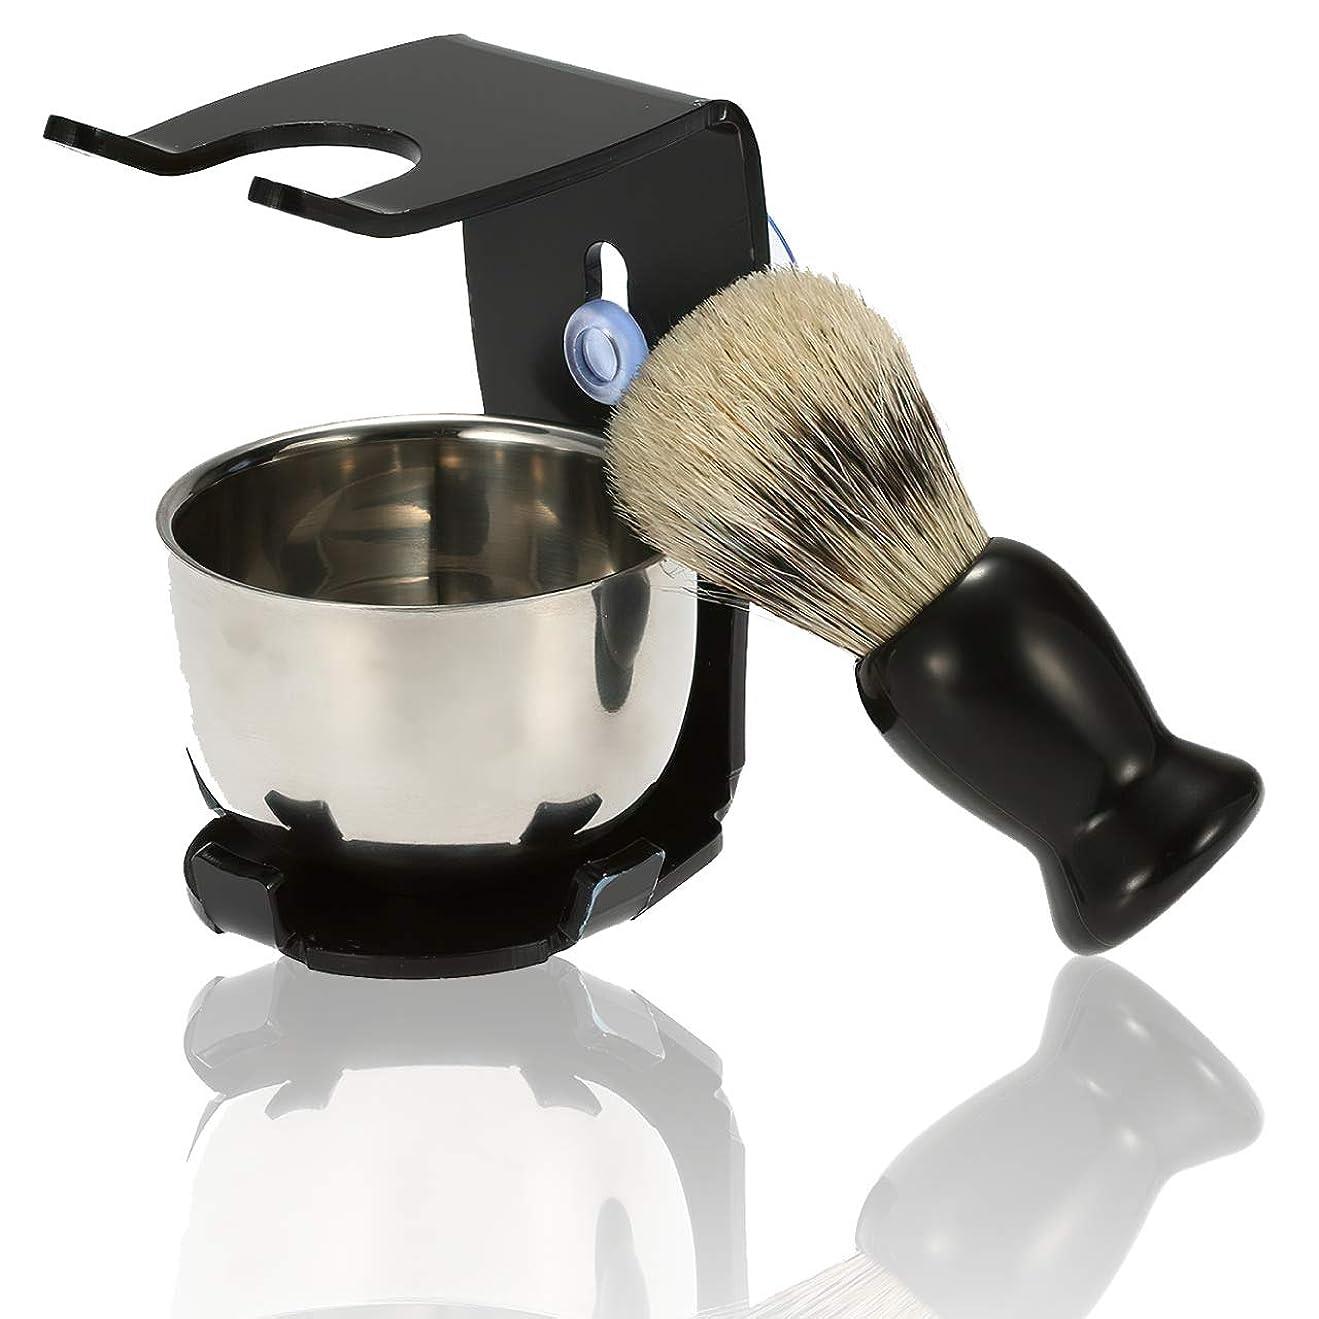 後方不純典型的なフェリモア シェービング スタンド付き 石鹸ボウル 理容 洗顔 髭剃り 毛穴の汚れ 吸盤 ブラシ洗顔